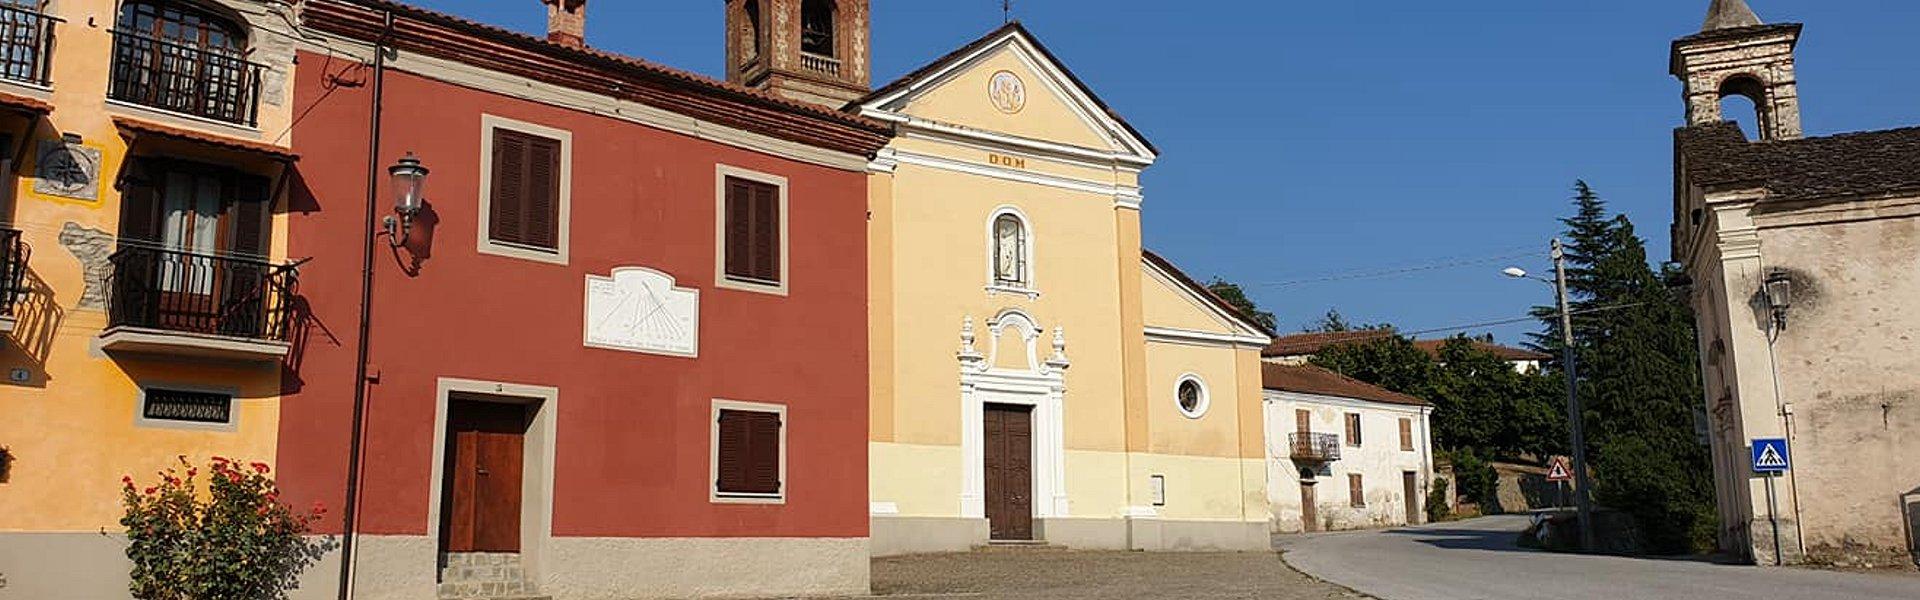 piemonte-kerk-straatje